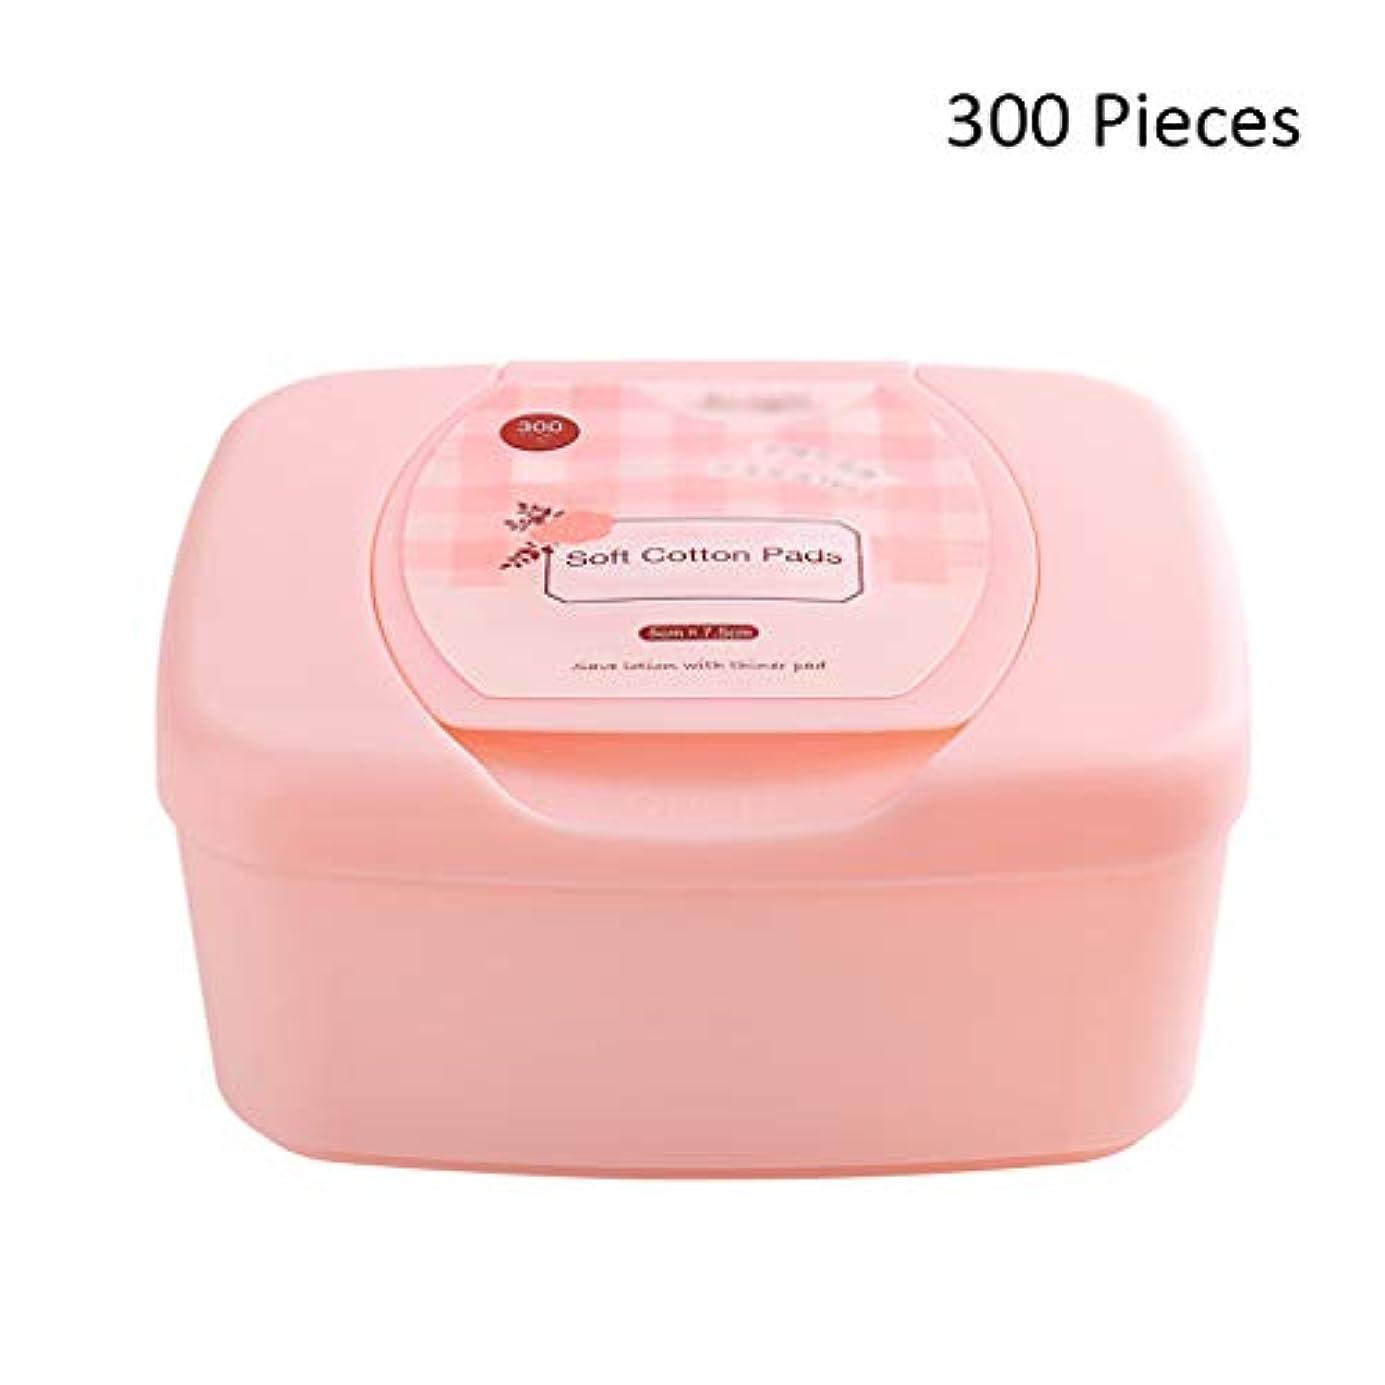 代数的ありそうほめる化粧パッド 300ピース顔メイクコットンワイプフェイスクレンジングパフネイルポリッシュリムーバーリムーバブル化粧品スキンケアパッド付きケース メイク落とし化粧パッド (Color : Pink, サイズ : 7.5*5cm)